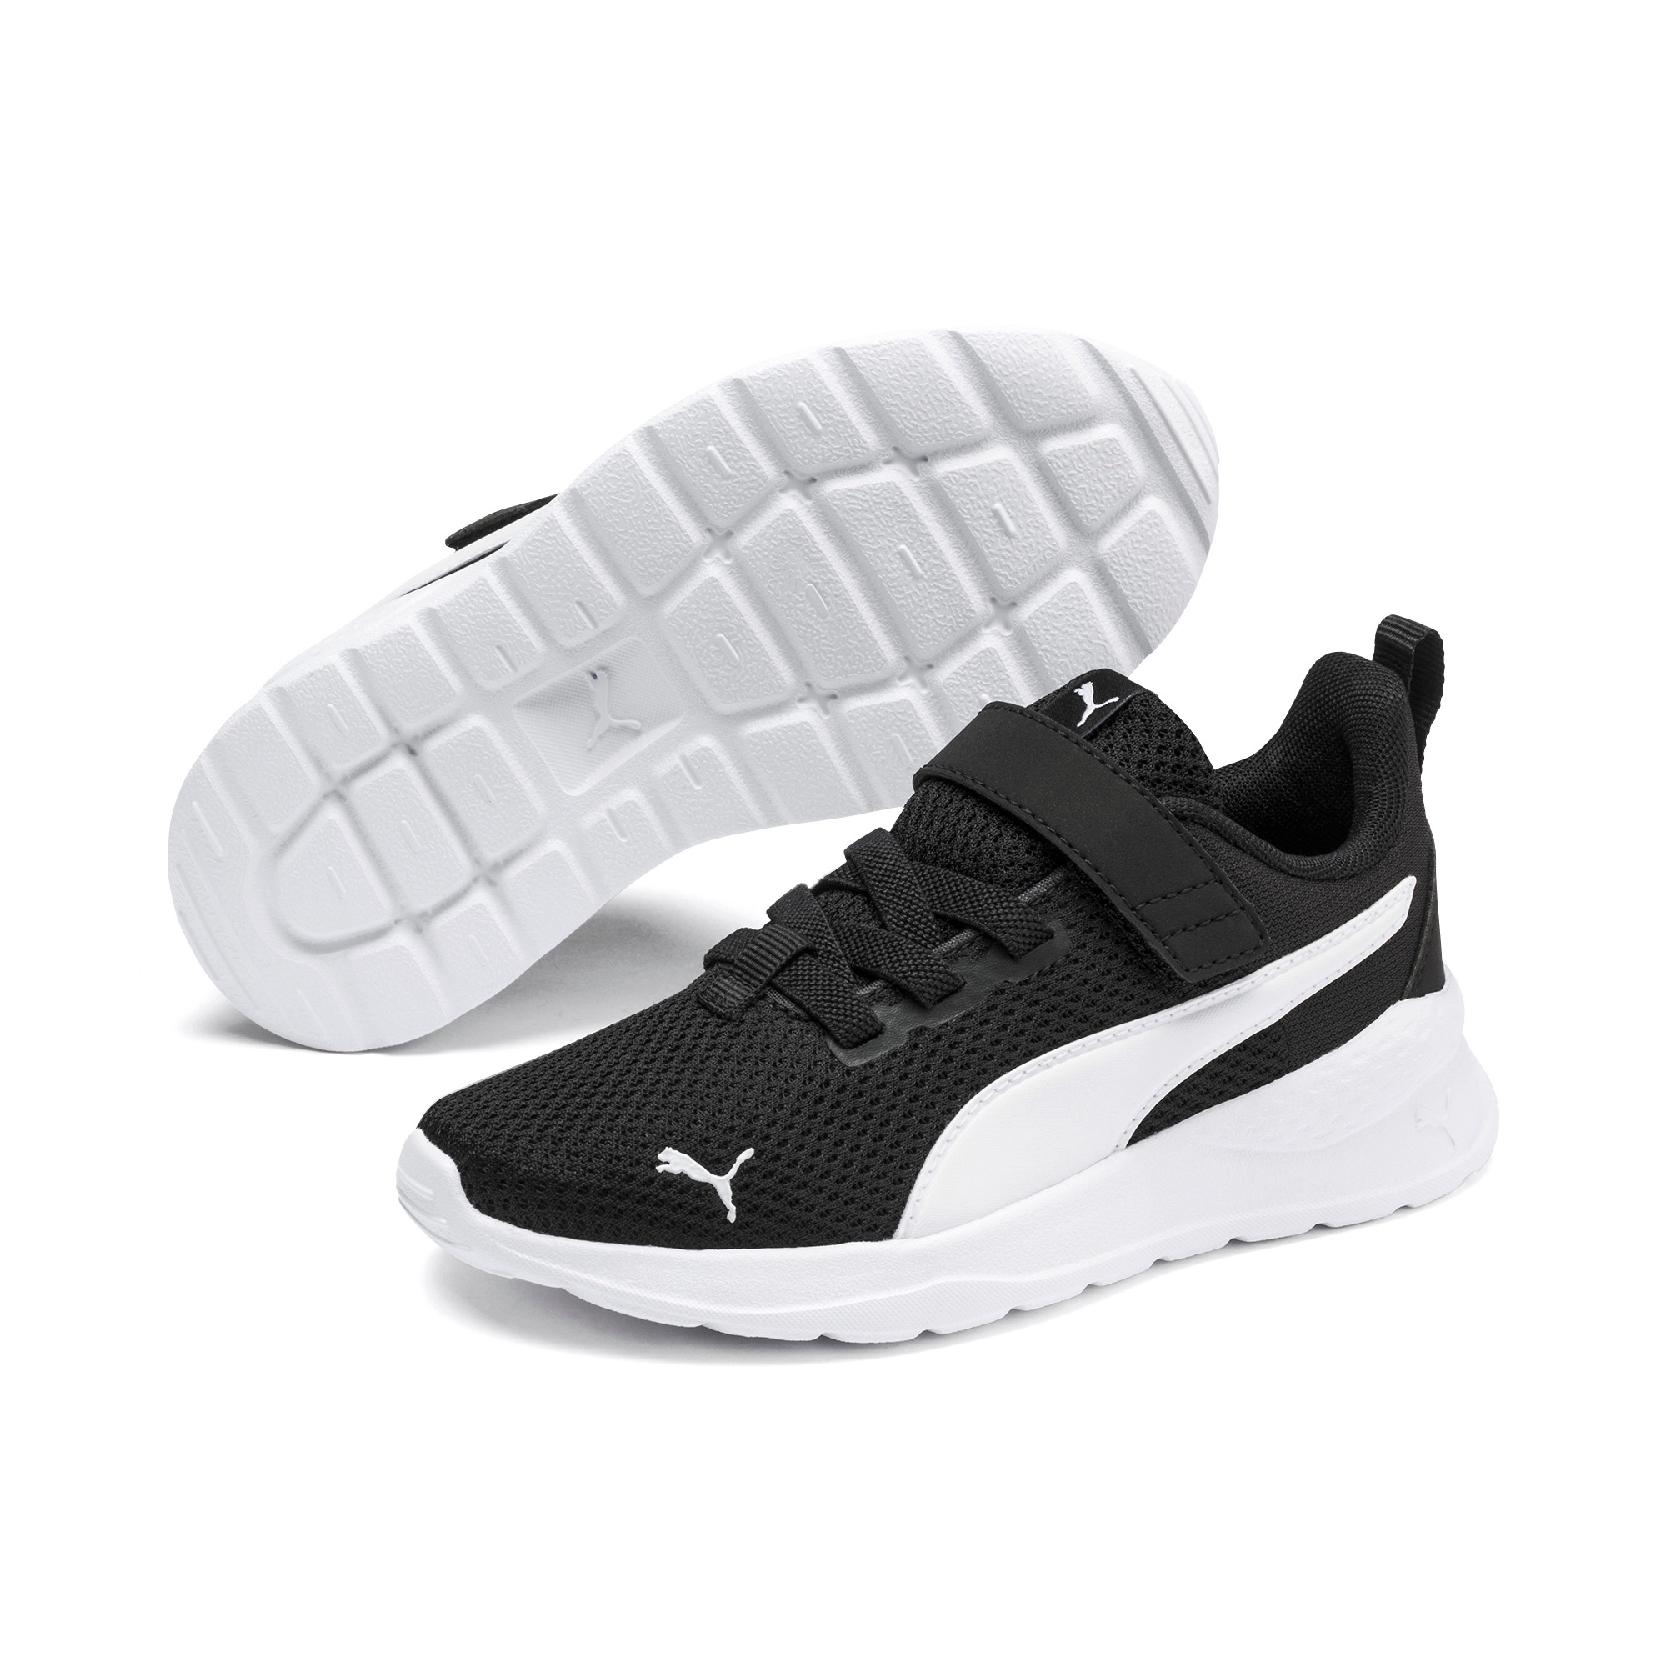 Puma Anzarun Lite kids sneakers